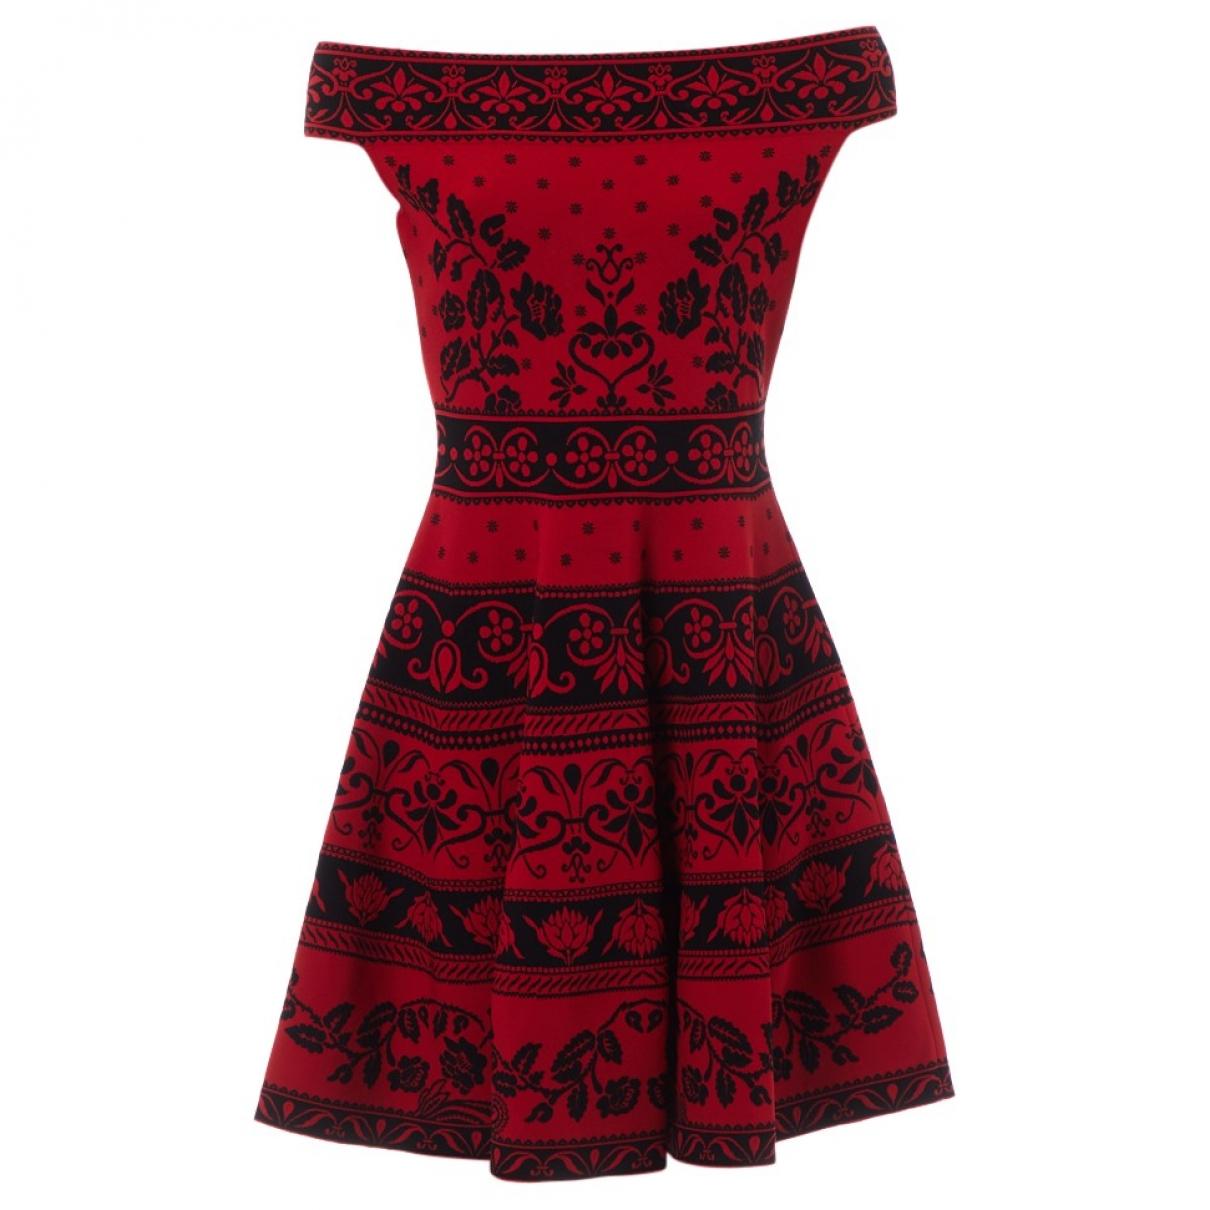 Alexander Mcqueen \N Red dress for Women L International